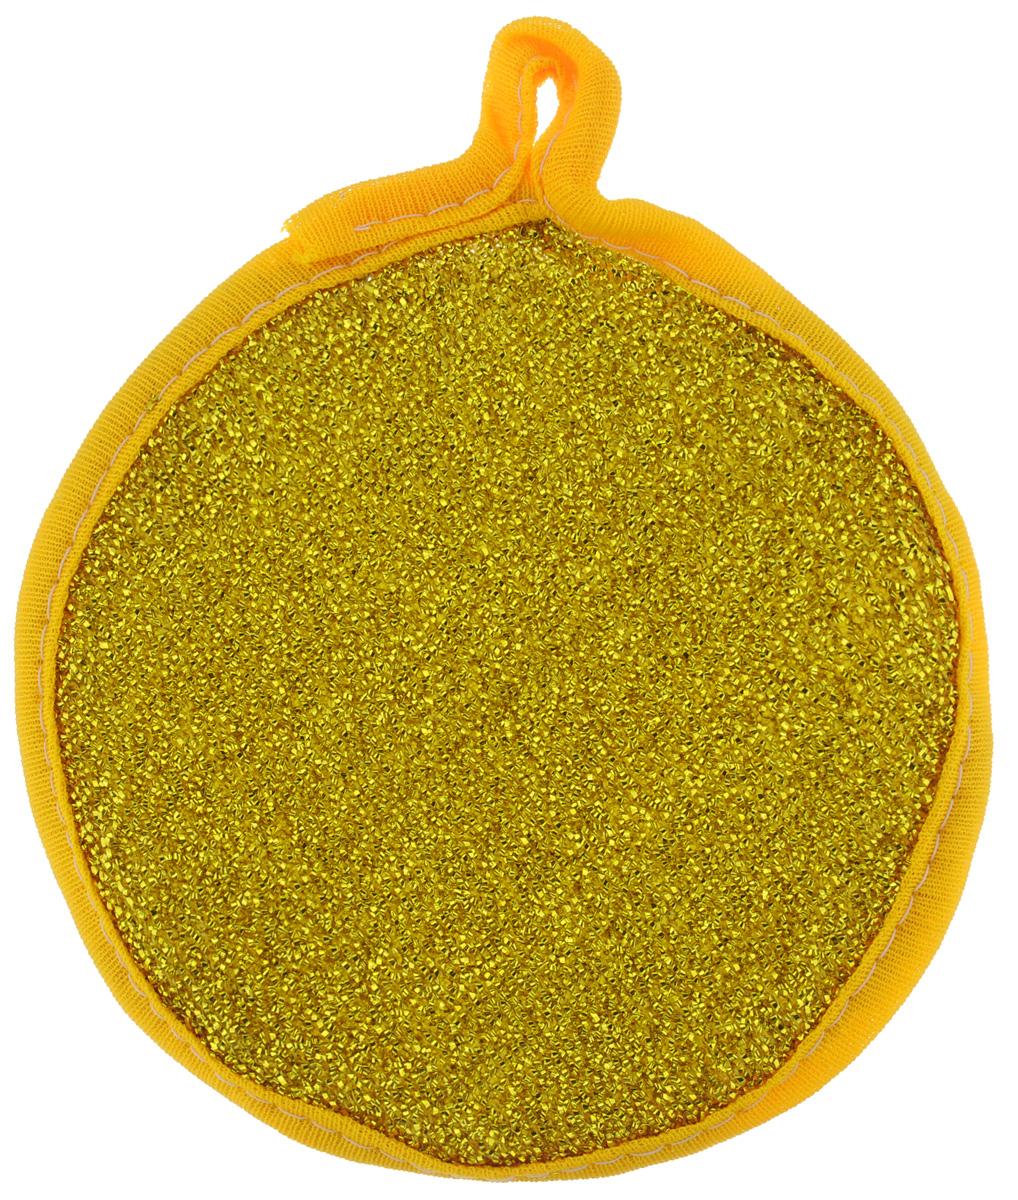 Губка для мытья посуды Youll love, двухсторонняя, для тефлона, цвет: золотой, слоновая кость58755_золотойГубка для мытья посуды Youll love изготовлена из поролона. Губка двухсторонняя: одна сторона выполнена из полипропиленовой металлизированной нити, а другая - из полимерных материалов. Губка подходит для очистки сильно загрязненных кухонных поверхностей, а также для мытья посуды из нержавеющей стали и с тефлоновым покрытием. Материал: полипропиленовая металлизированная нить, поролон, полимерные материалы. Размер губки: 12 см х 12 см х 2,5 см.